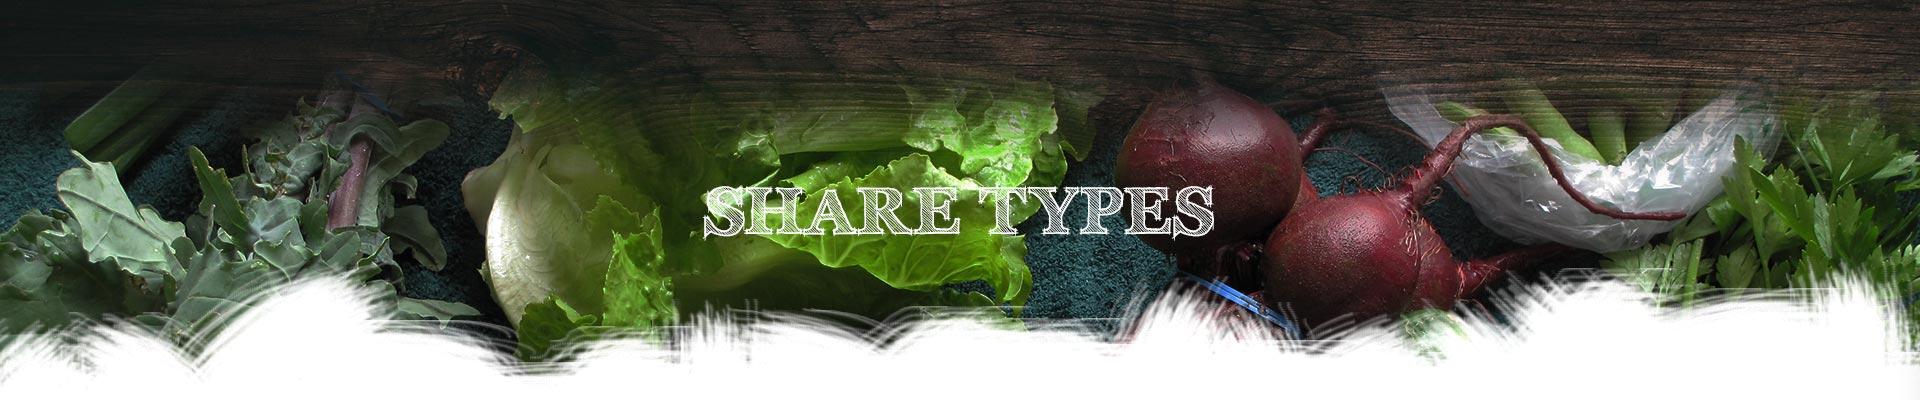 sharetypes